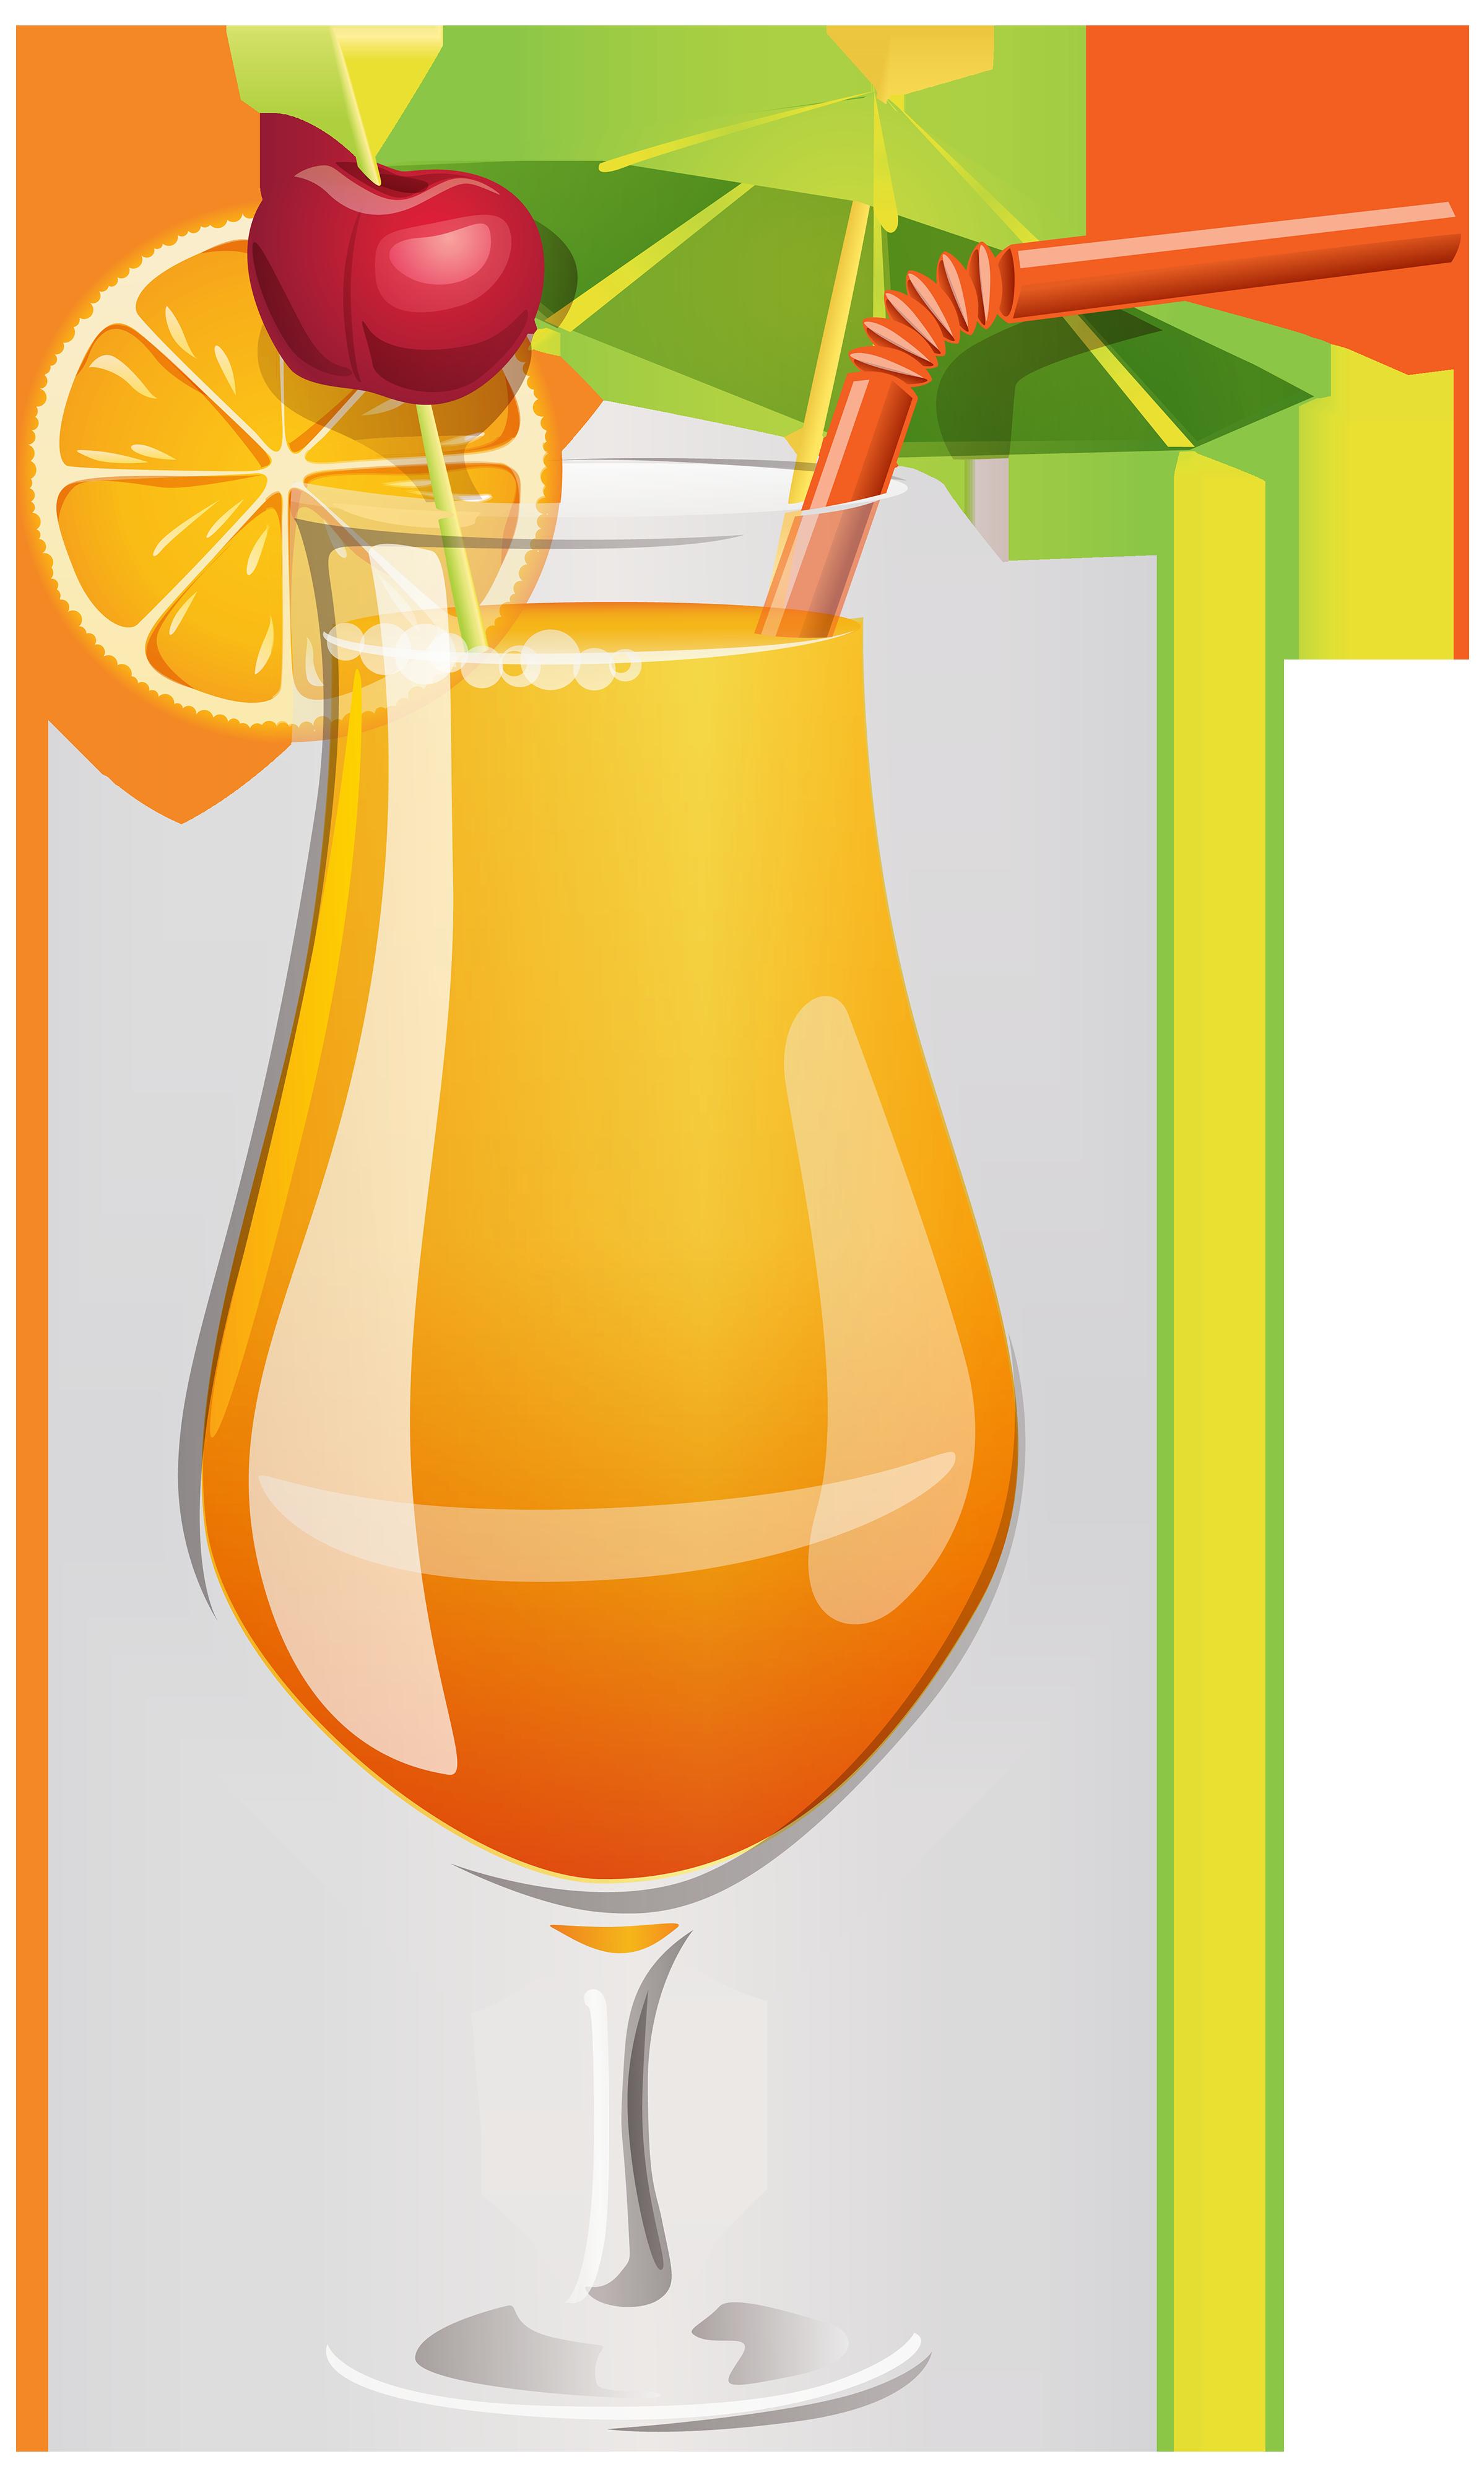 Cocktail PNG Image Orange cocktails, Clip art, Cocktails